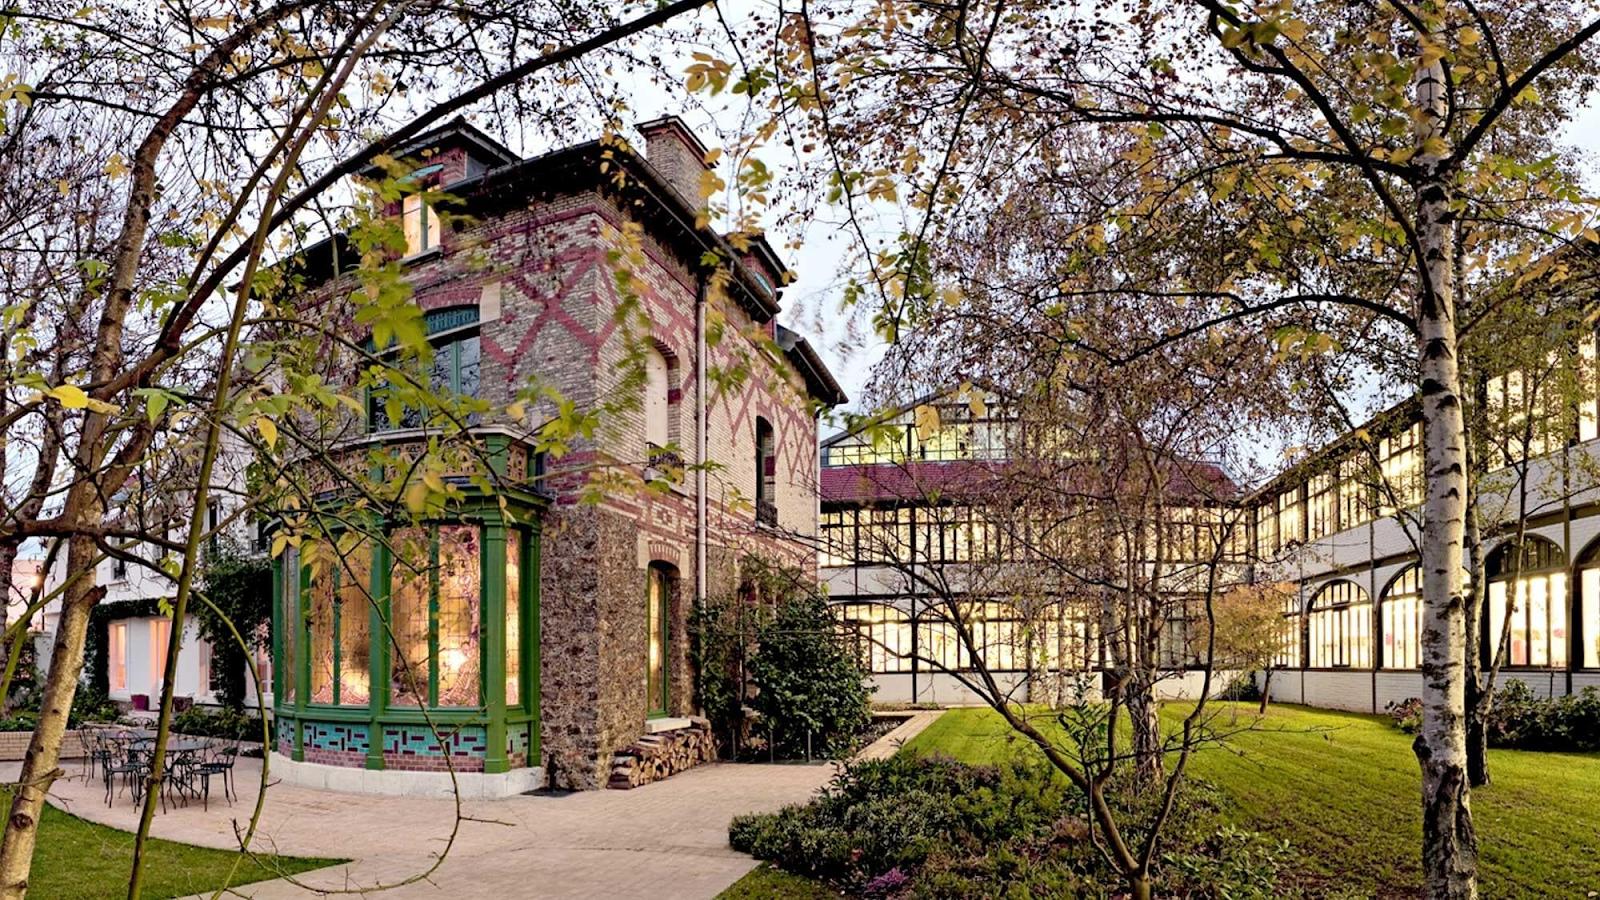 Les ateliers Louis Vuitton Asnières-sur-Seine